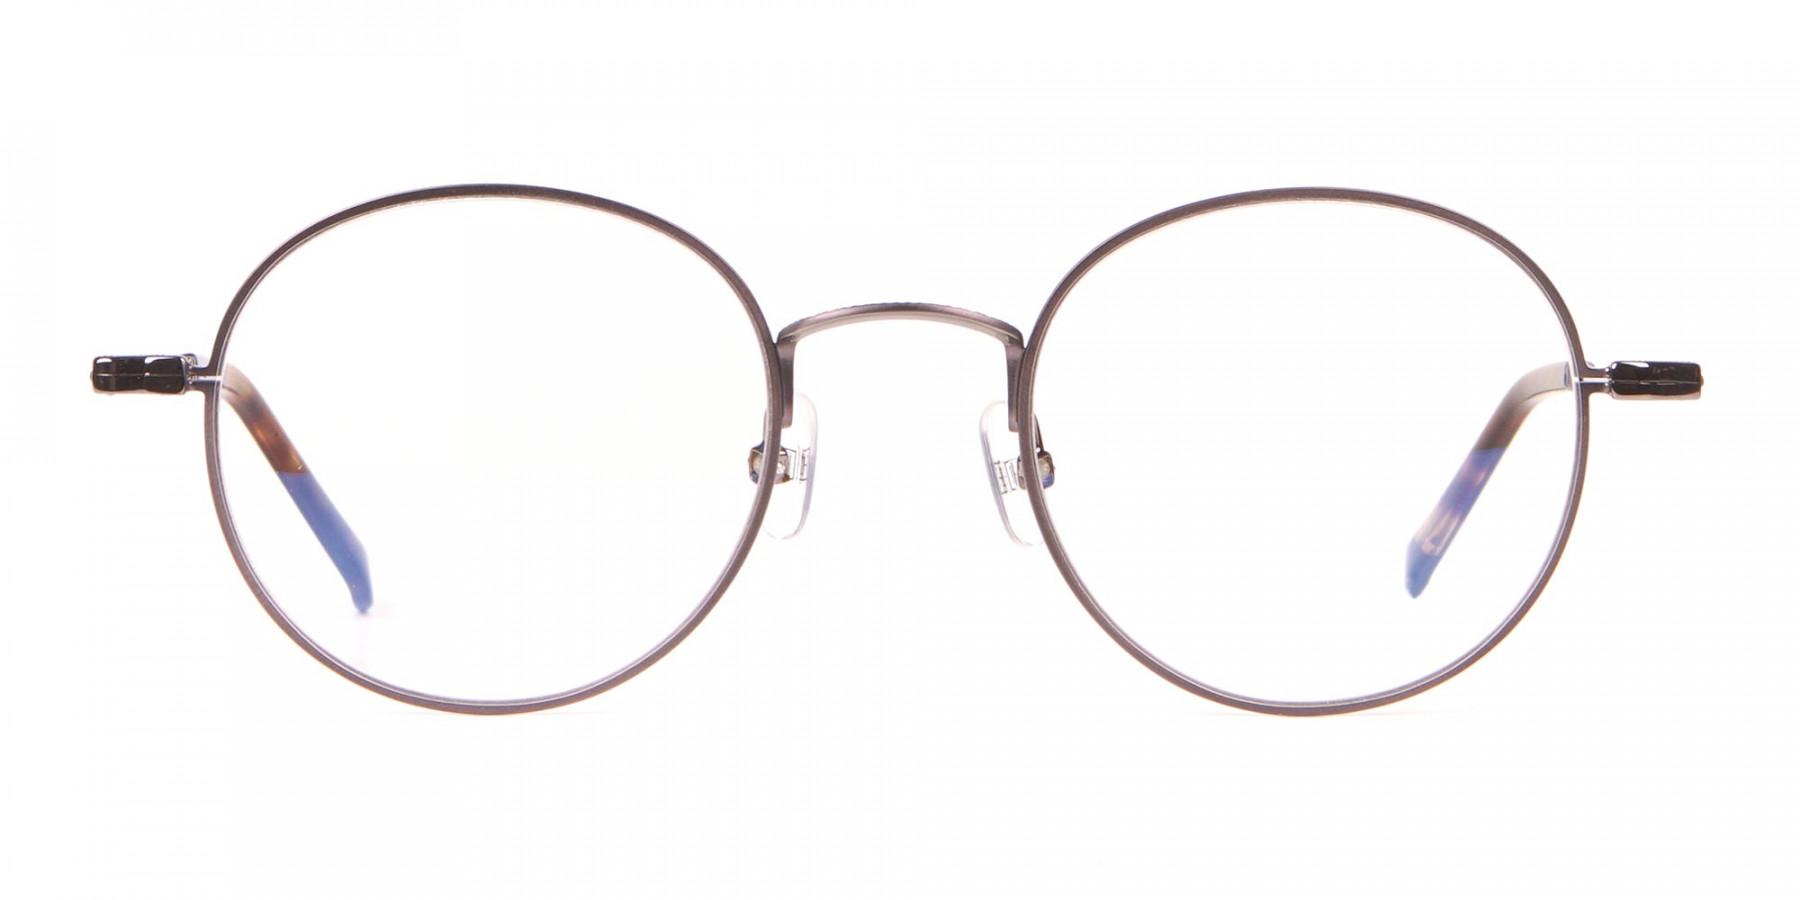 HACKETT Bespoke HEB241 Classic Round Glasses Gunmetal & Horn-1